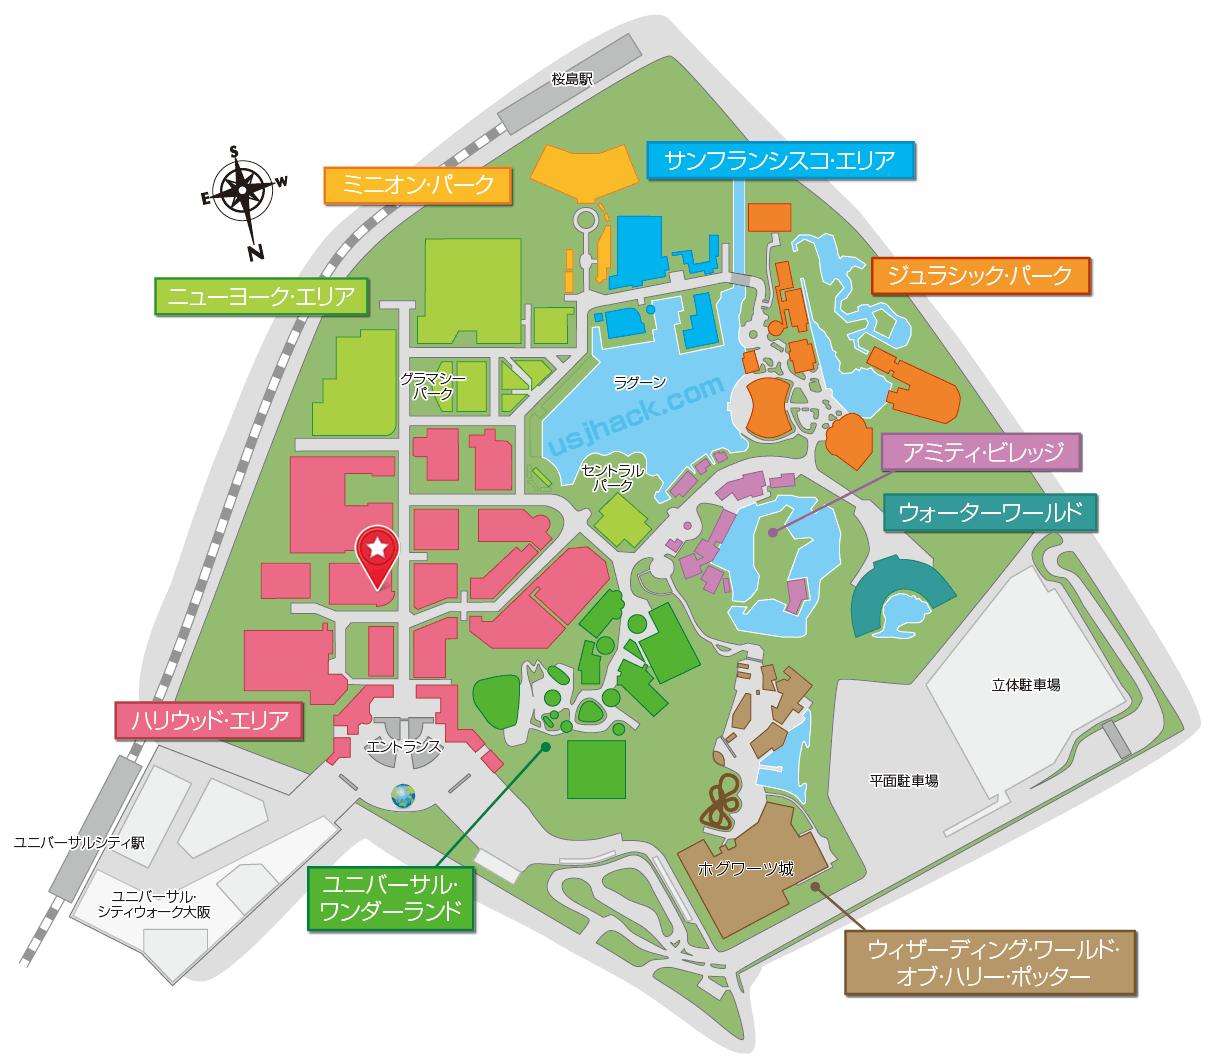 マップで確認する「ジョジョの奇妙な冒険ザリアル4-D」の開催場所